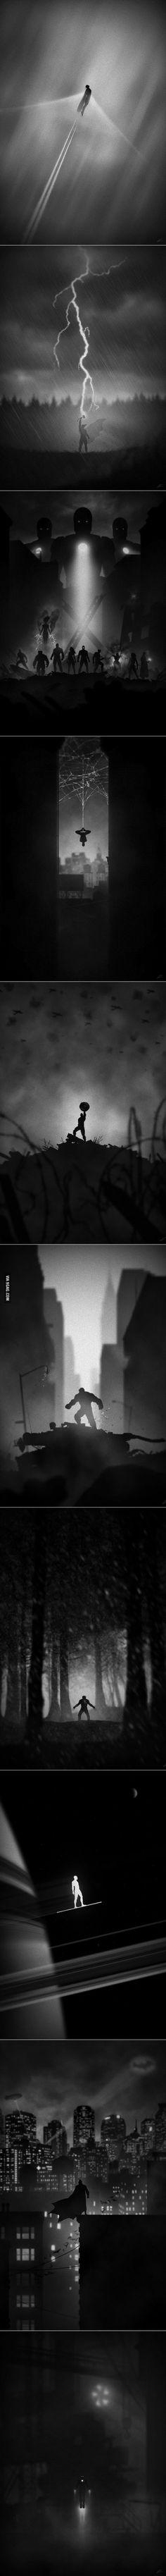 Black White concept hero art